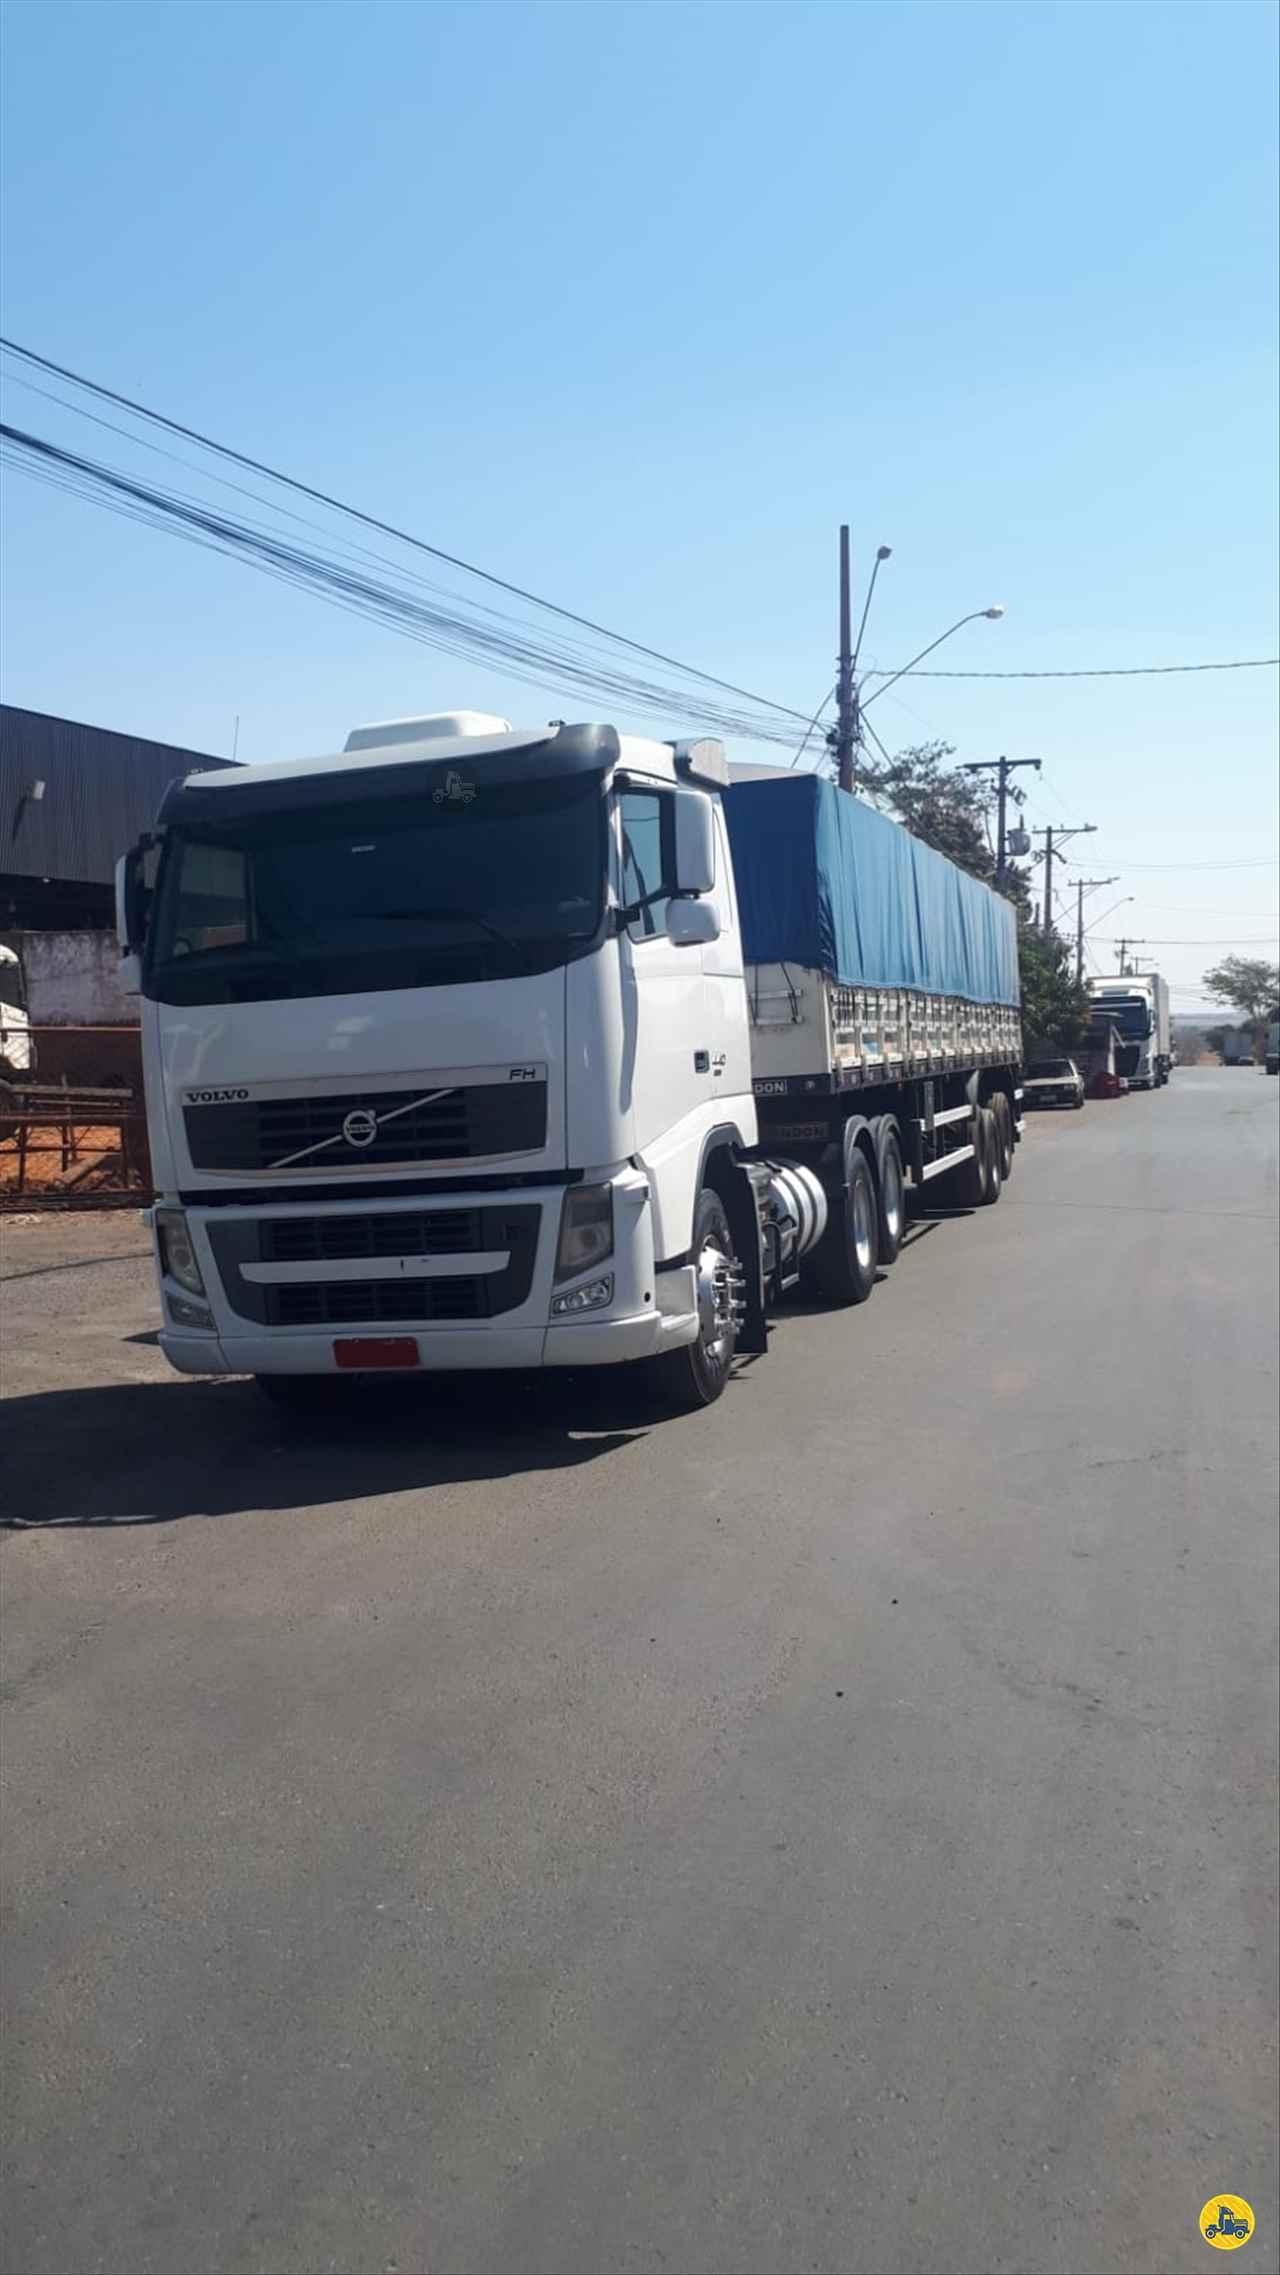 VOLVO FH 440 de Gazola Caminhões - São José do Rio Preto/SP